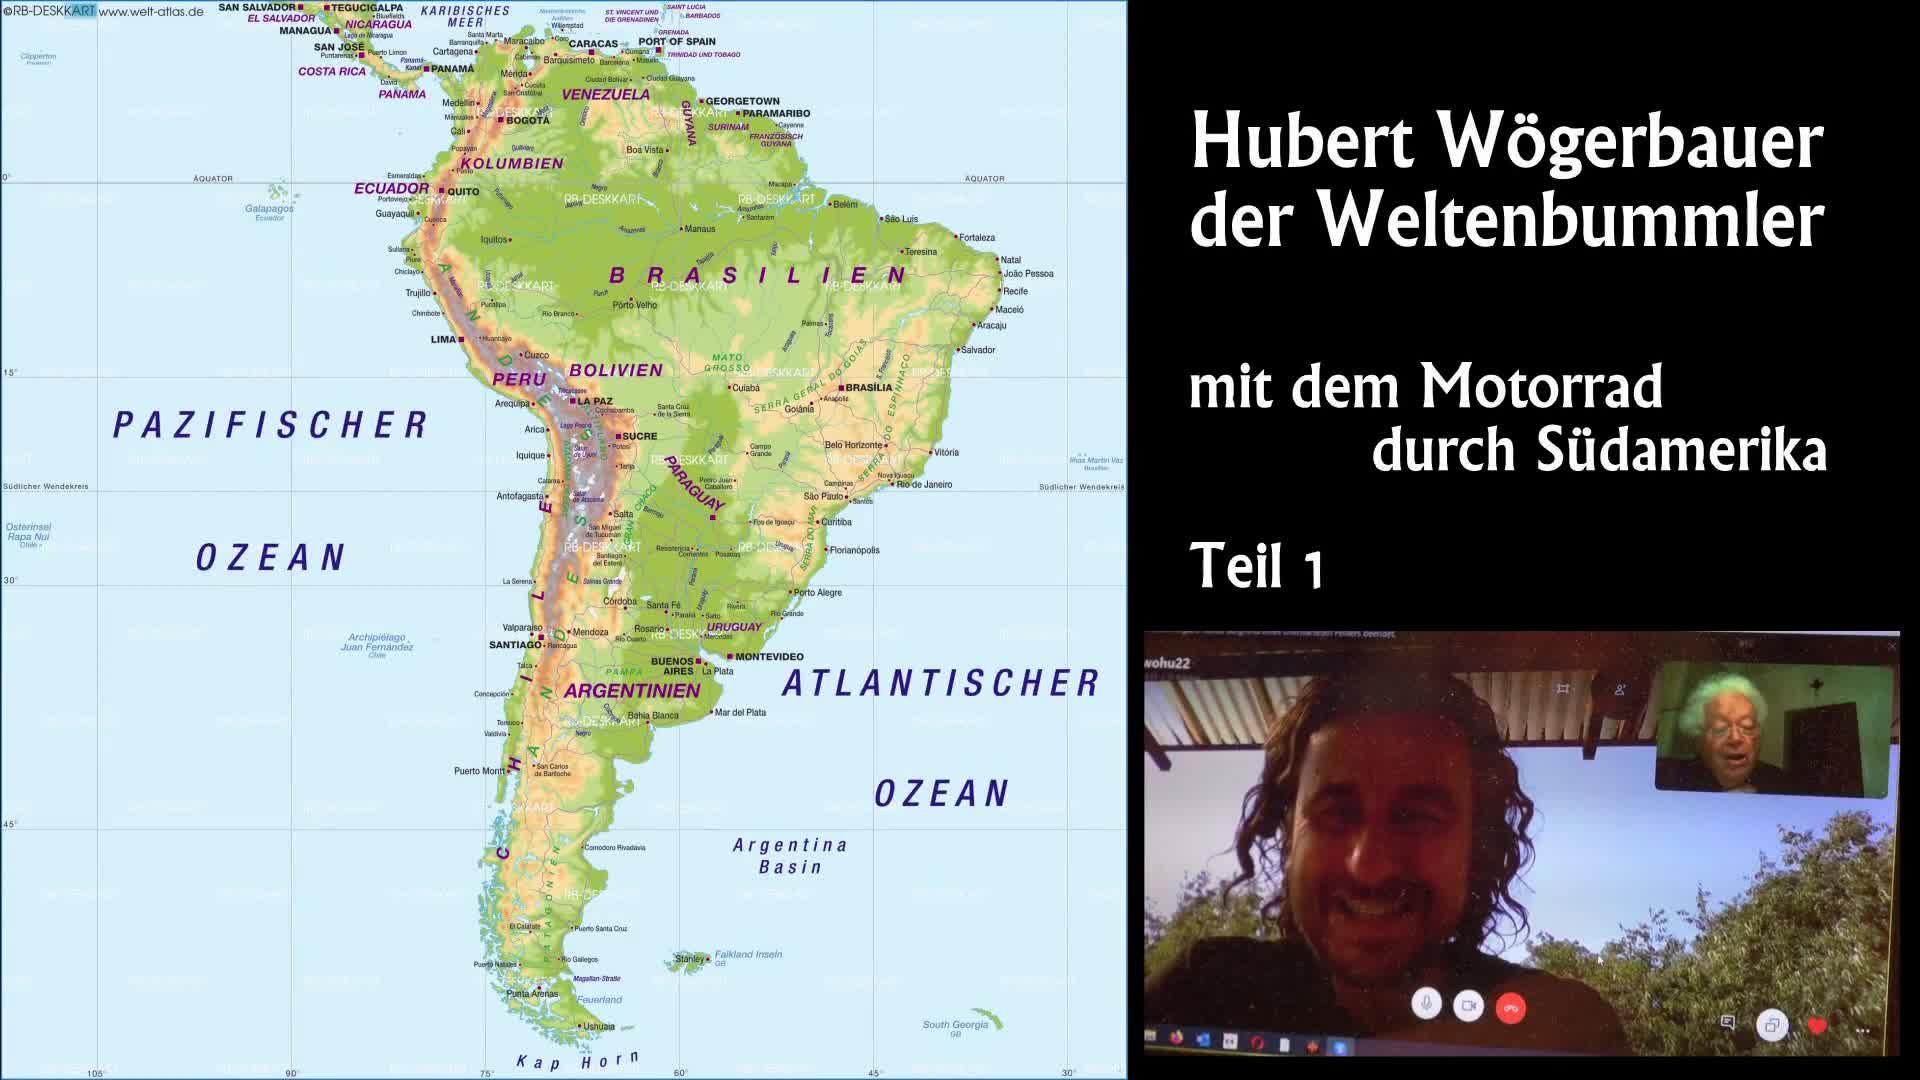 Hubert Wögerbauer der Weltenbummler Teil 1